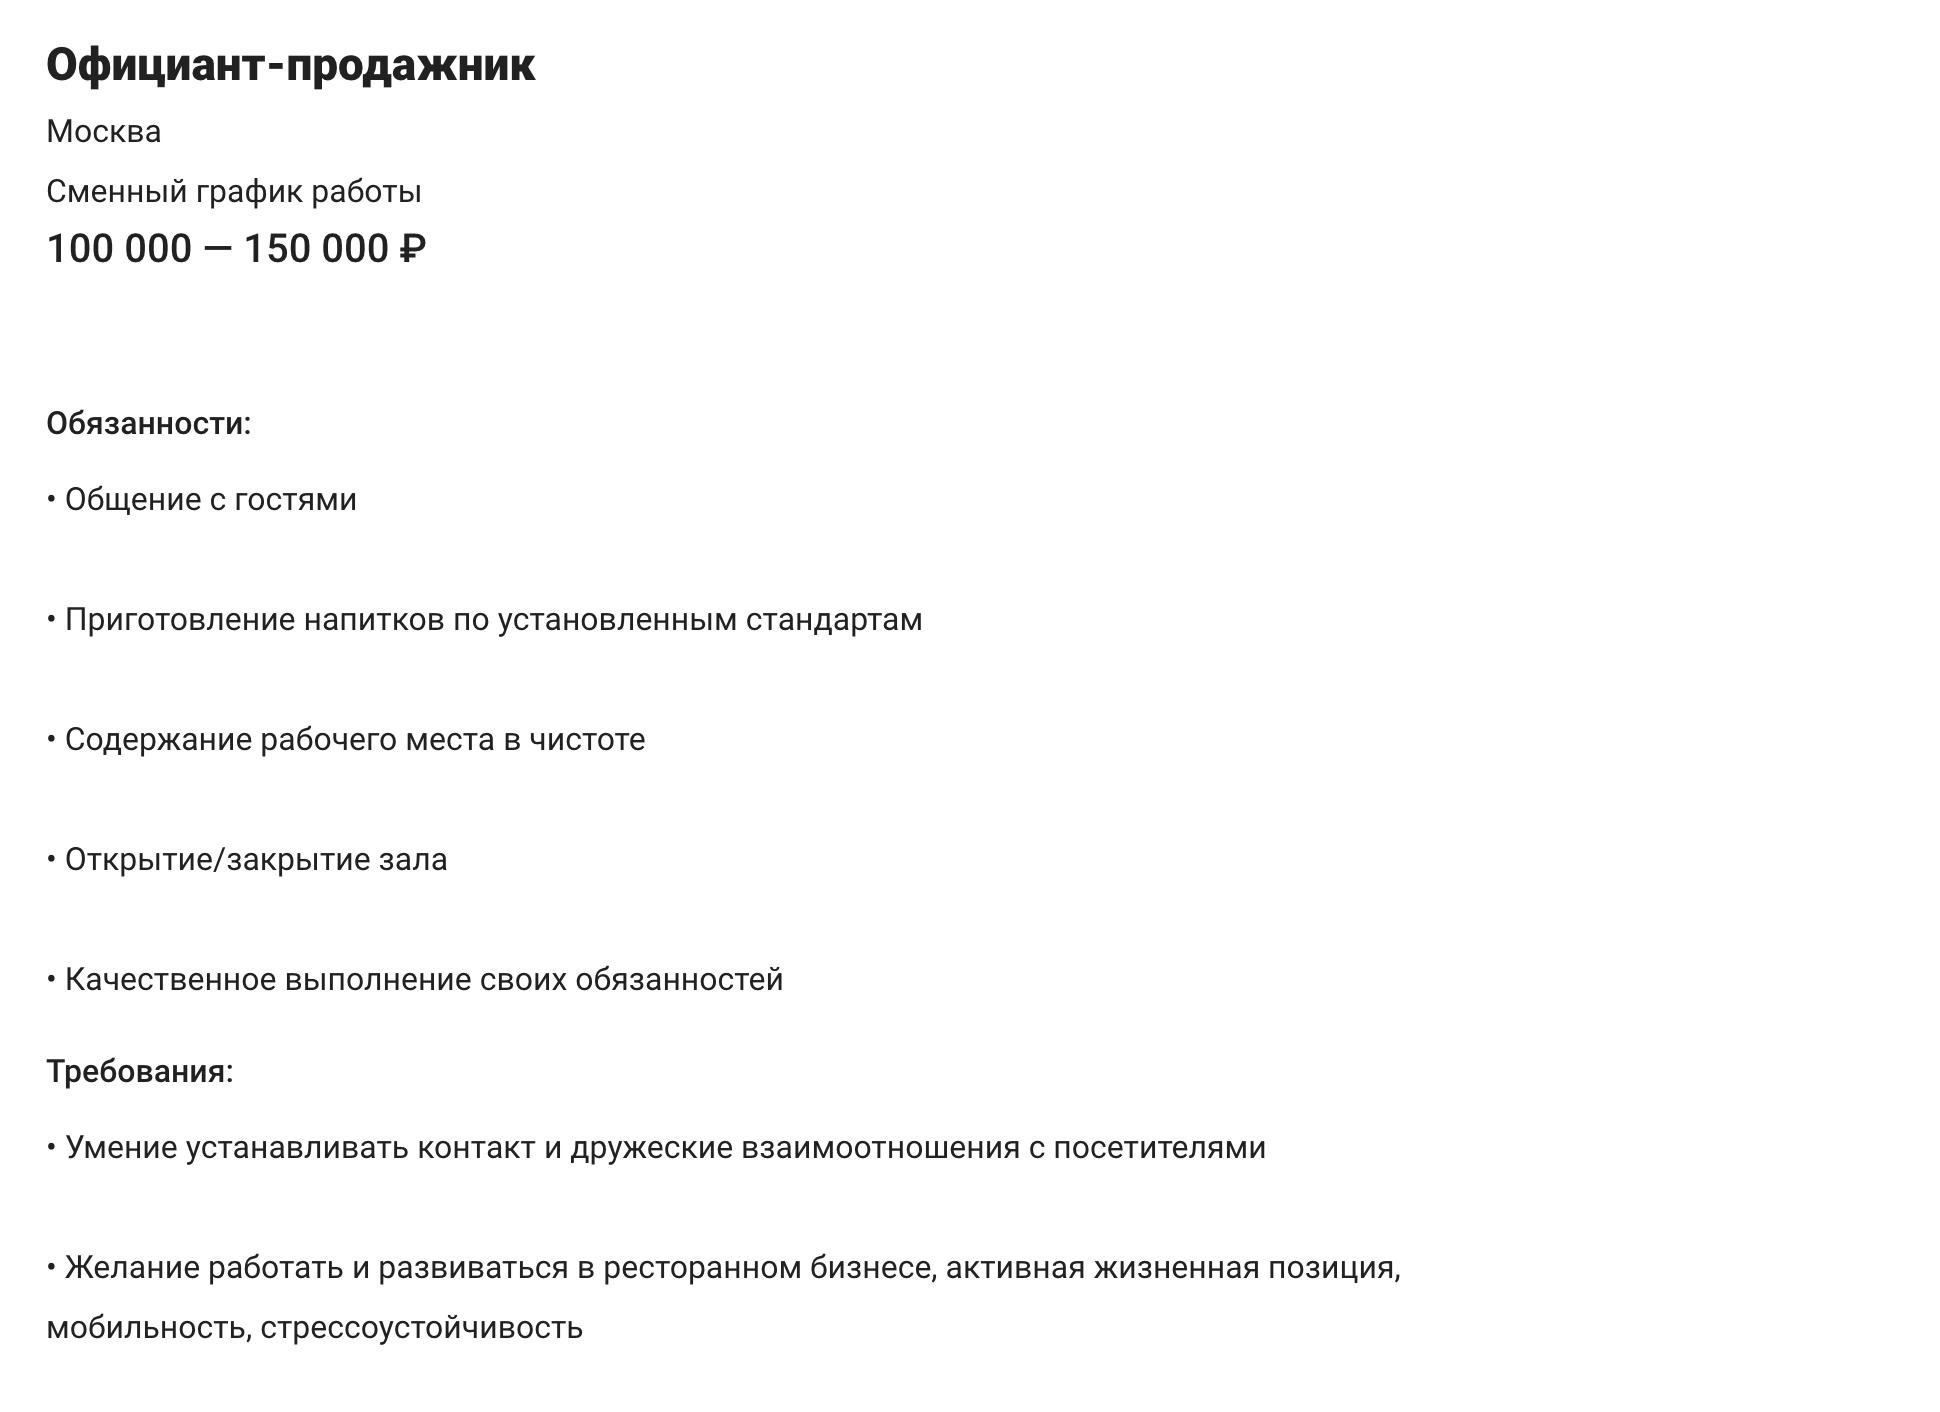 Официанту в московском «Столыпине» предлагают от 100 до 150 тысяч рублей. Вакансия на «Суперджобе»